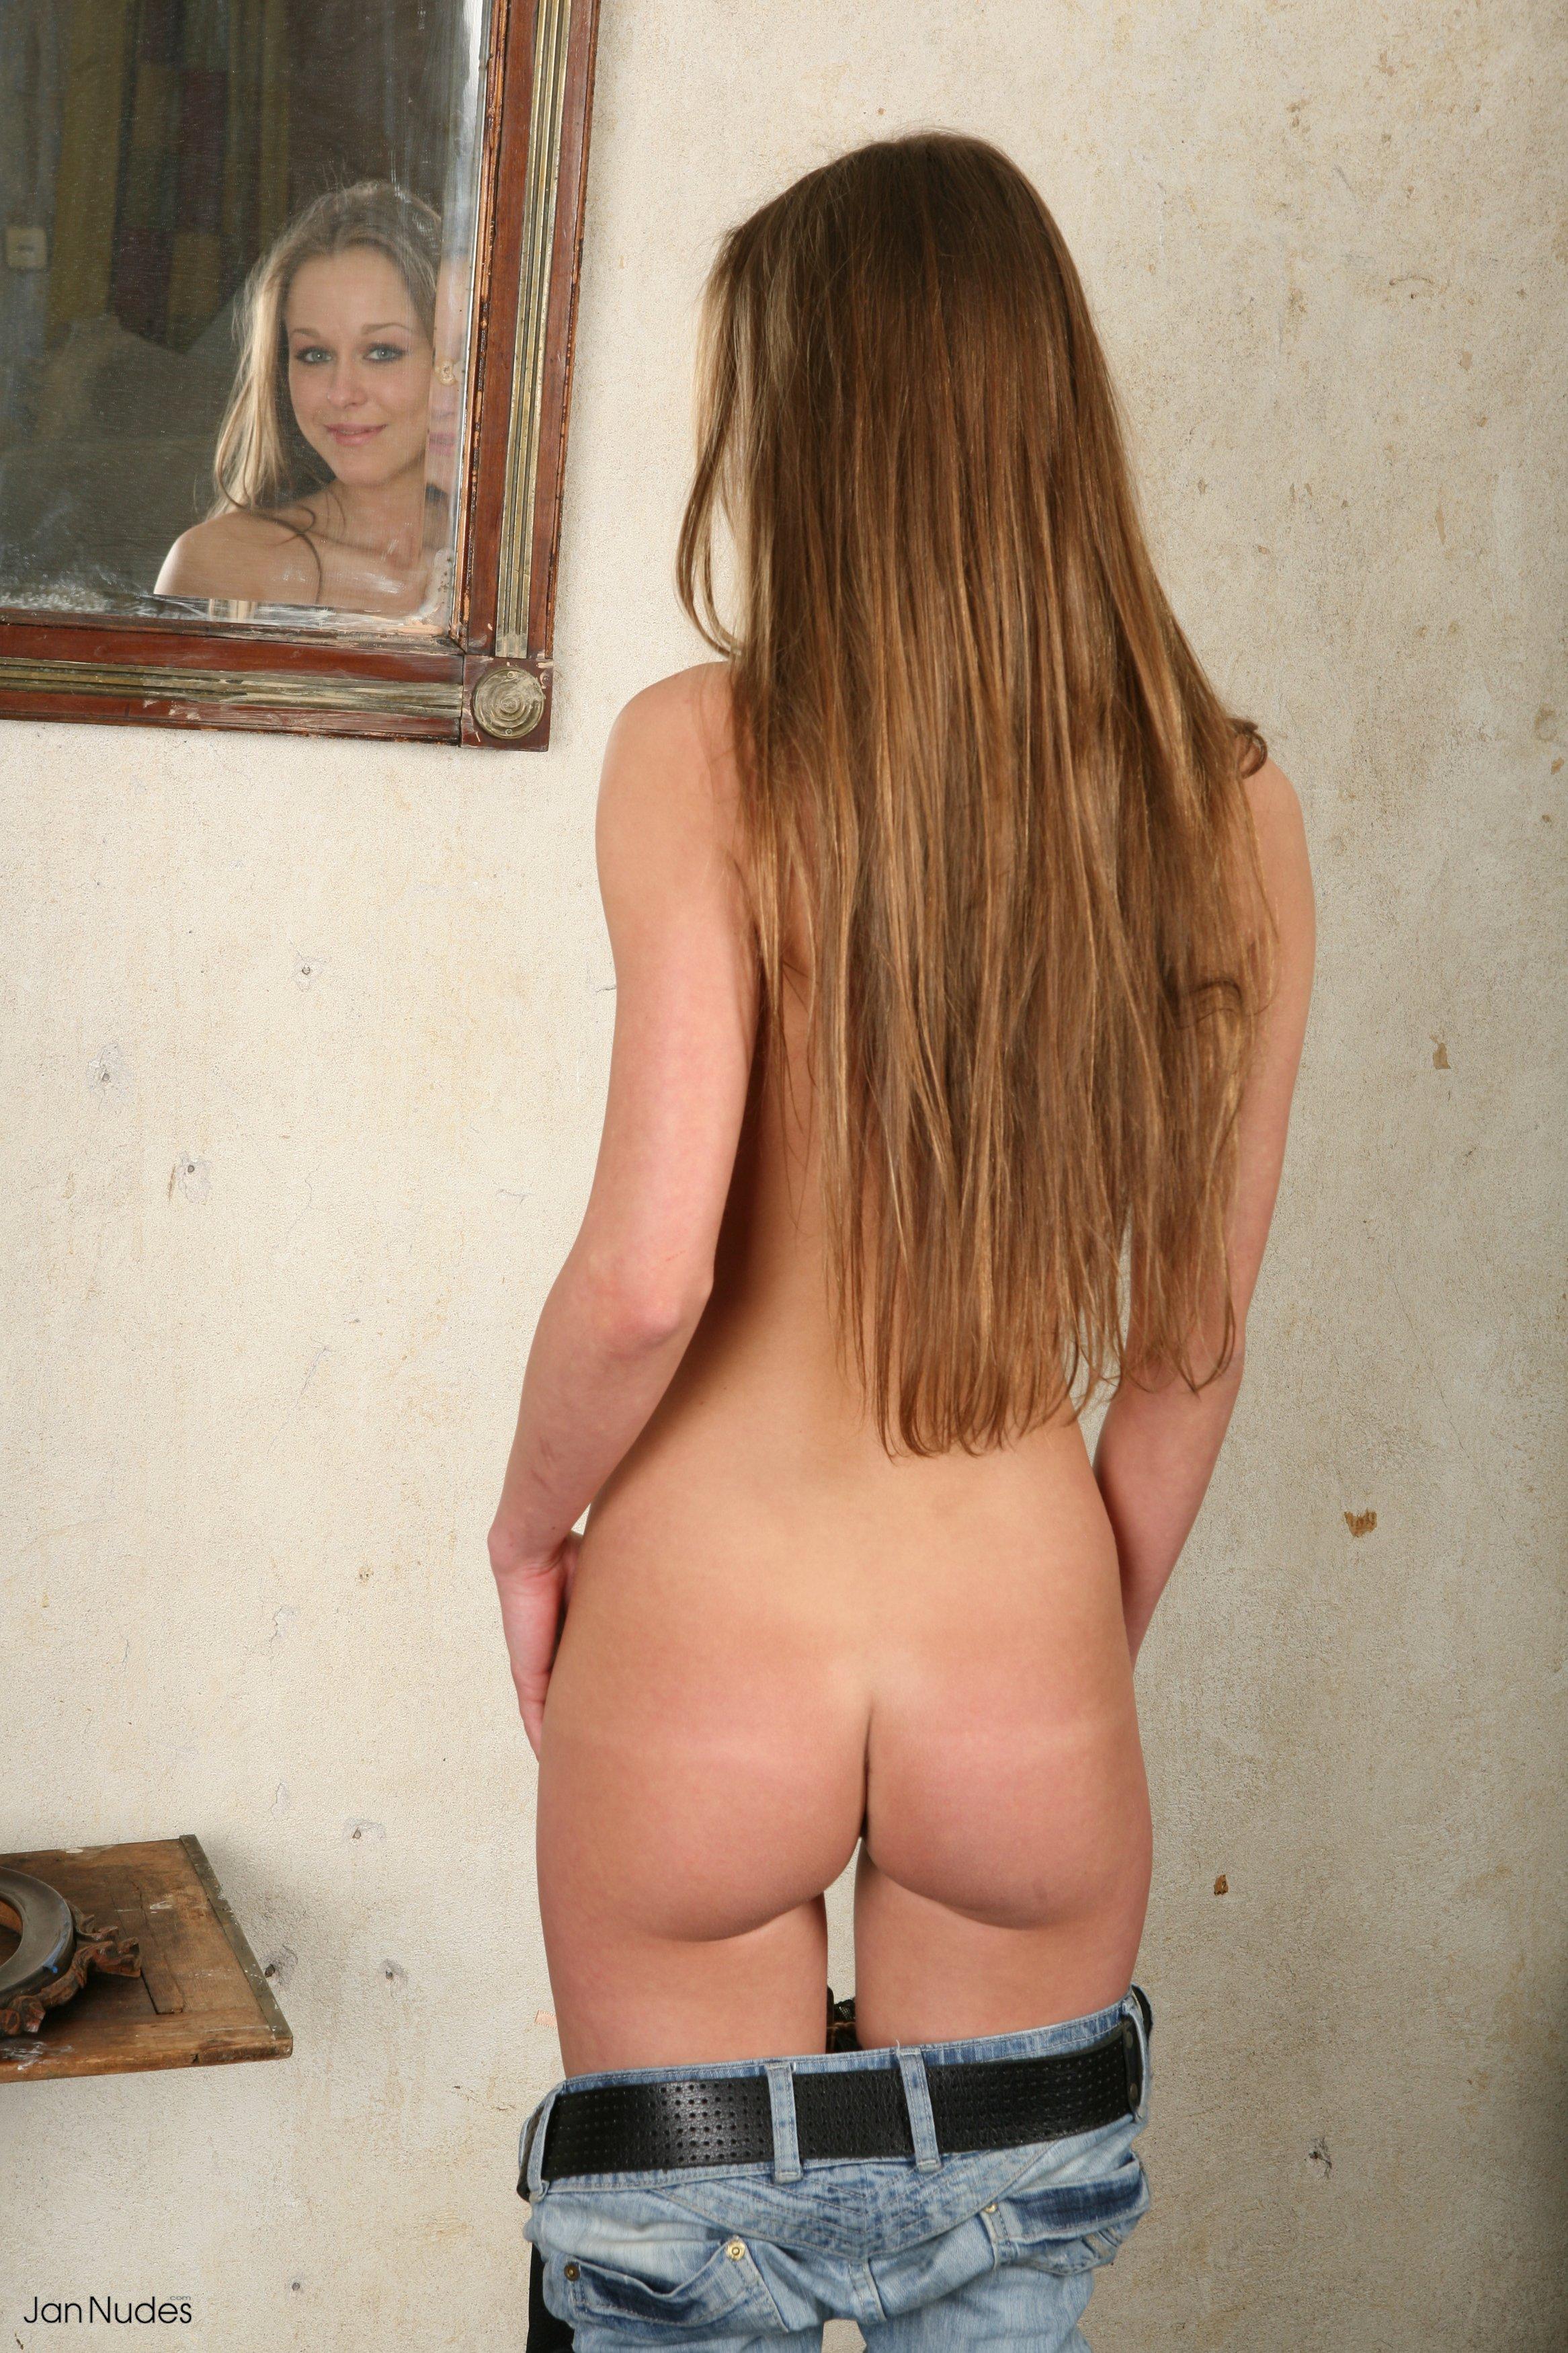 masha babko naked Turboimagehost Masha Babko Siberian Mouse Nude